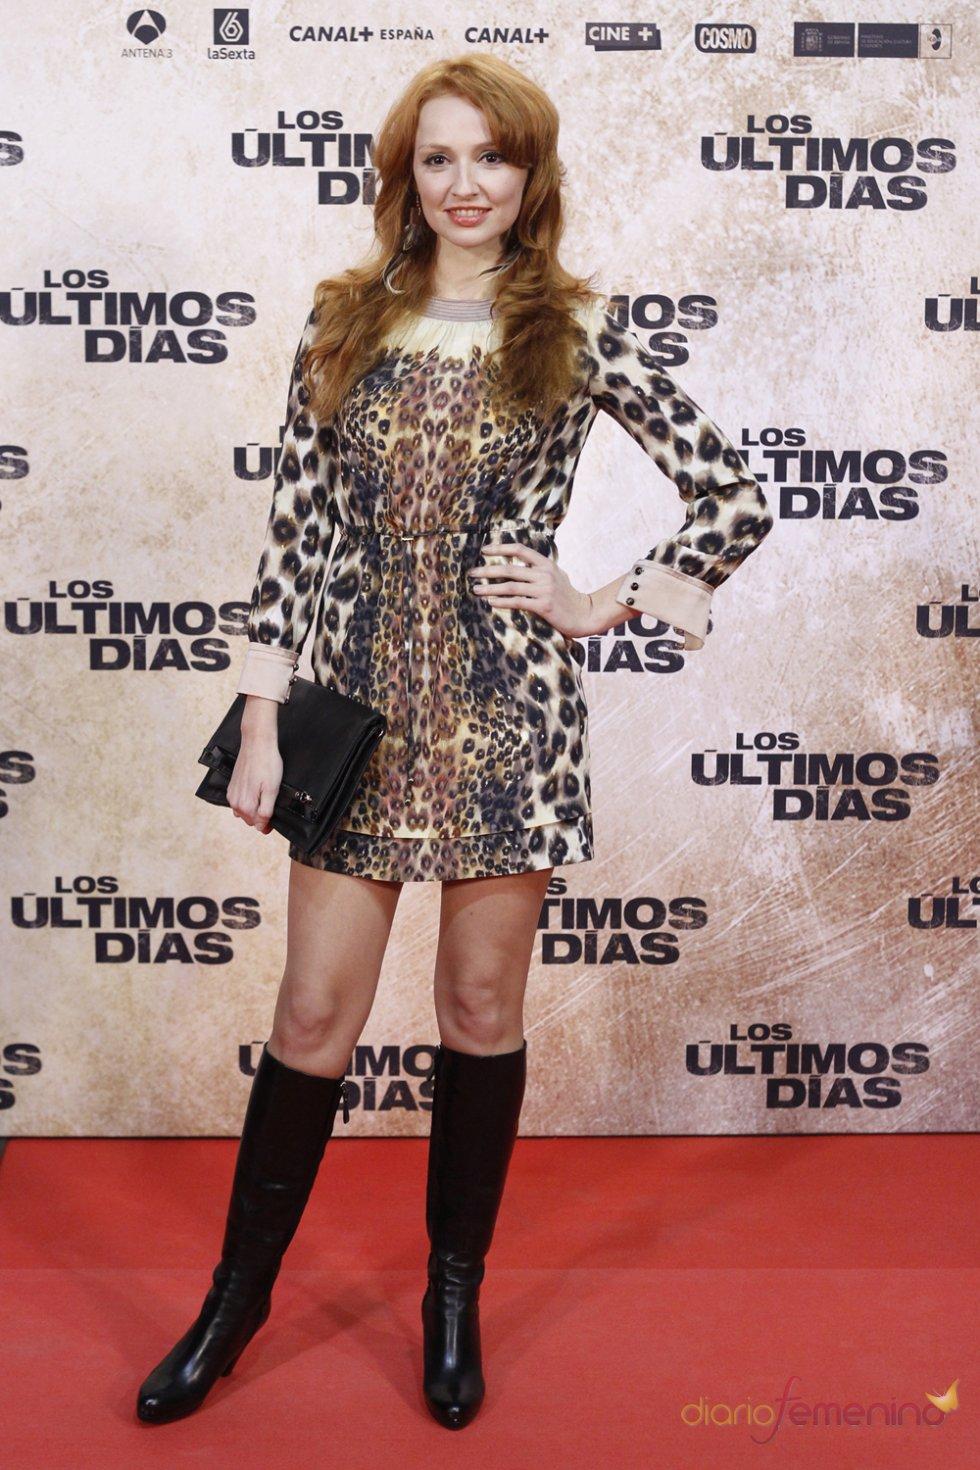 La actriz Cristina Castaño en la premiere de 'Los últimos días'